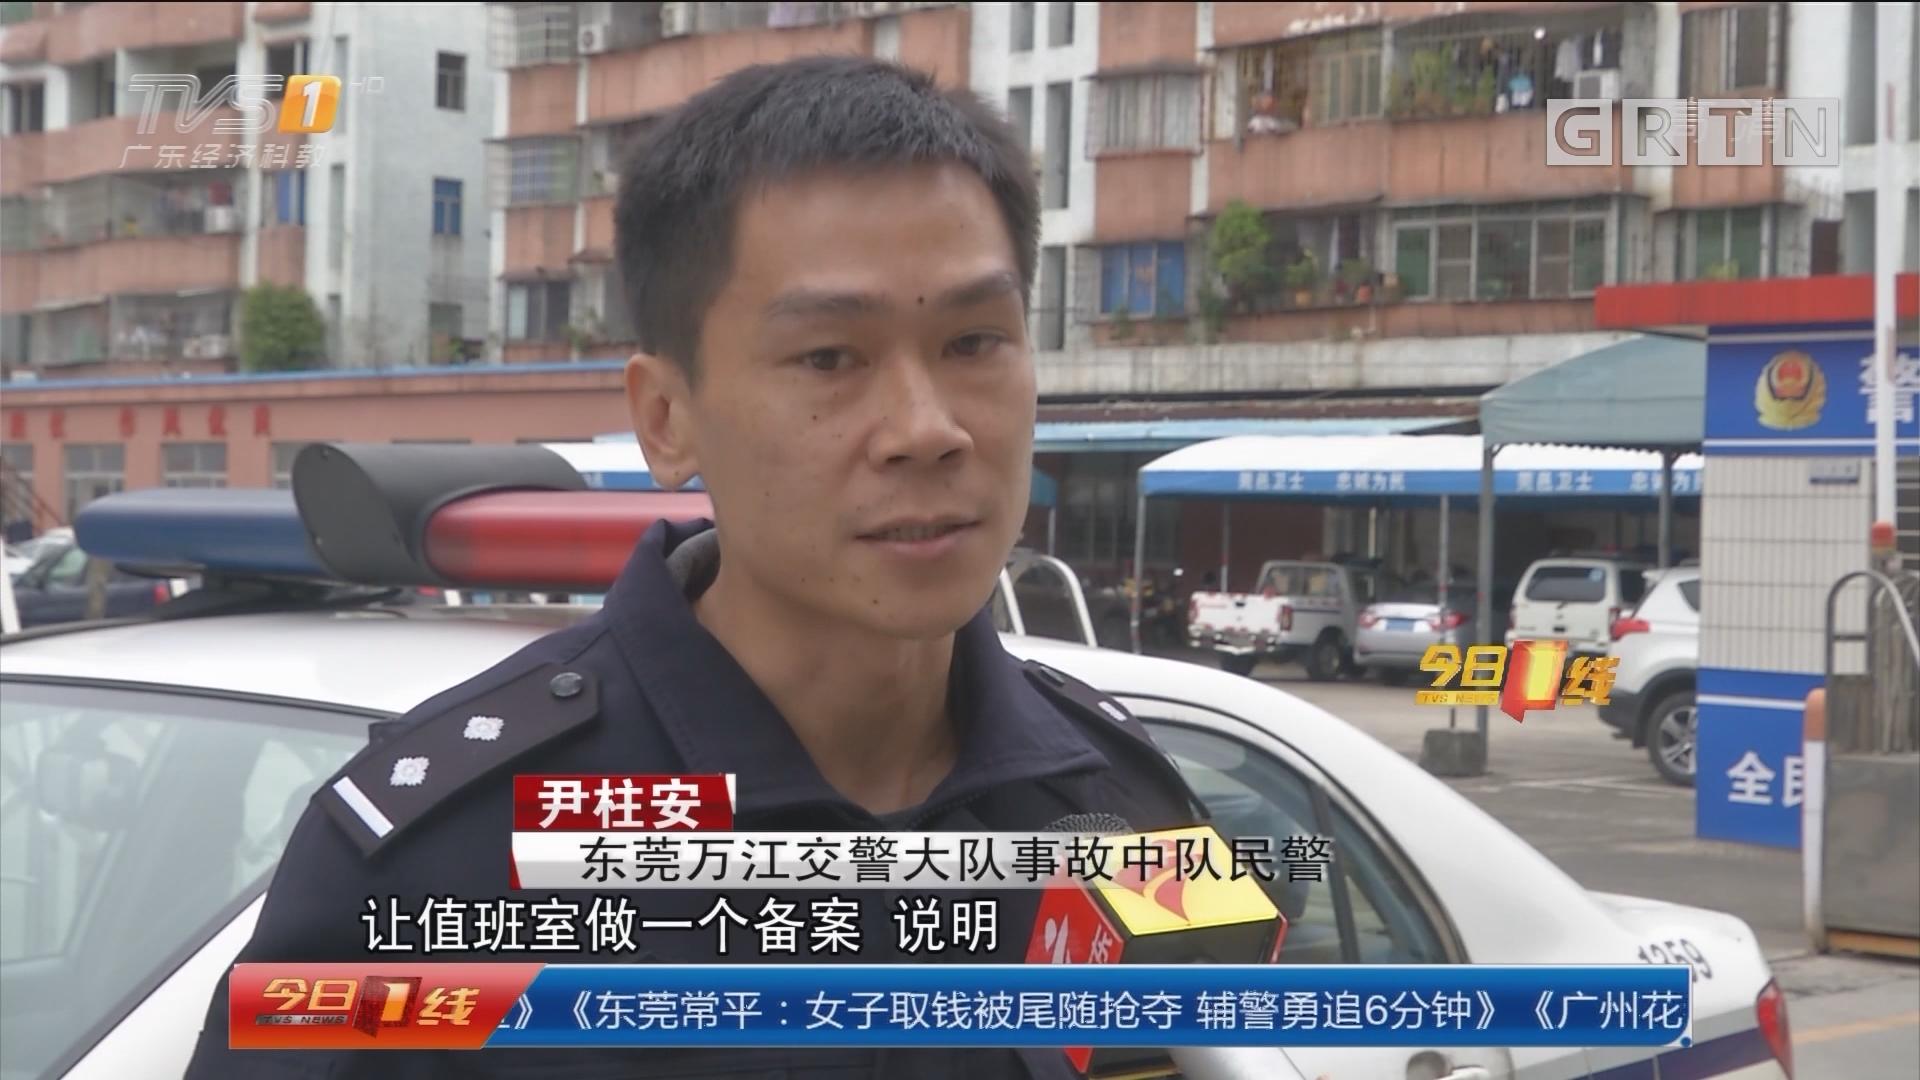 """东莞:男童被撞无大碍 司机""""冷漠""""受质疑"""